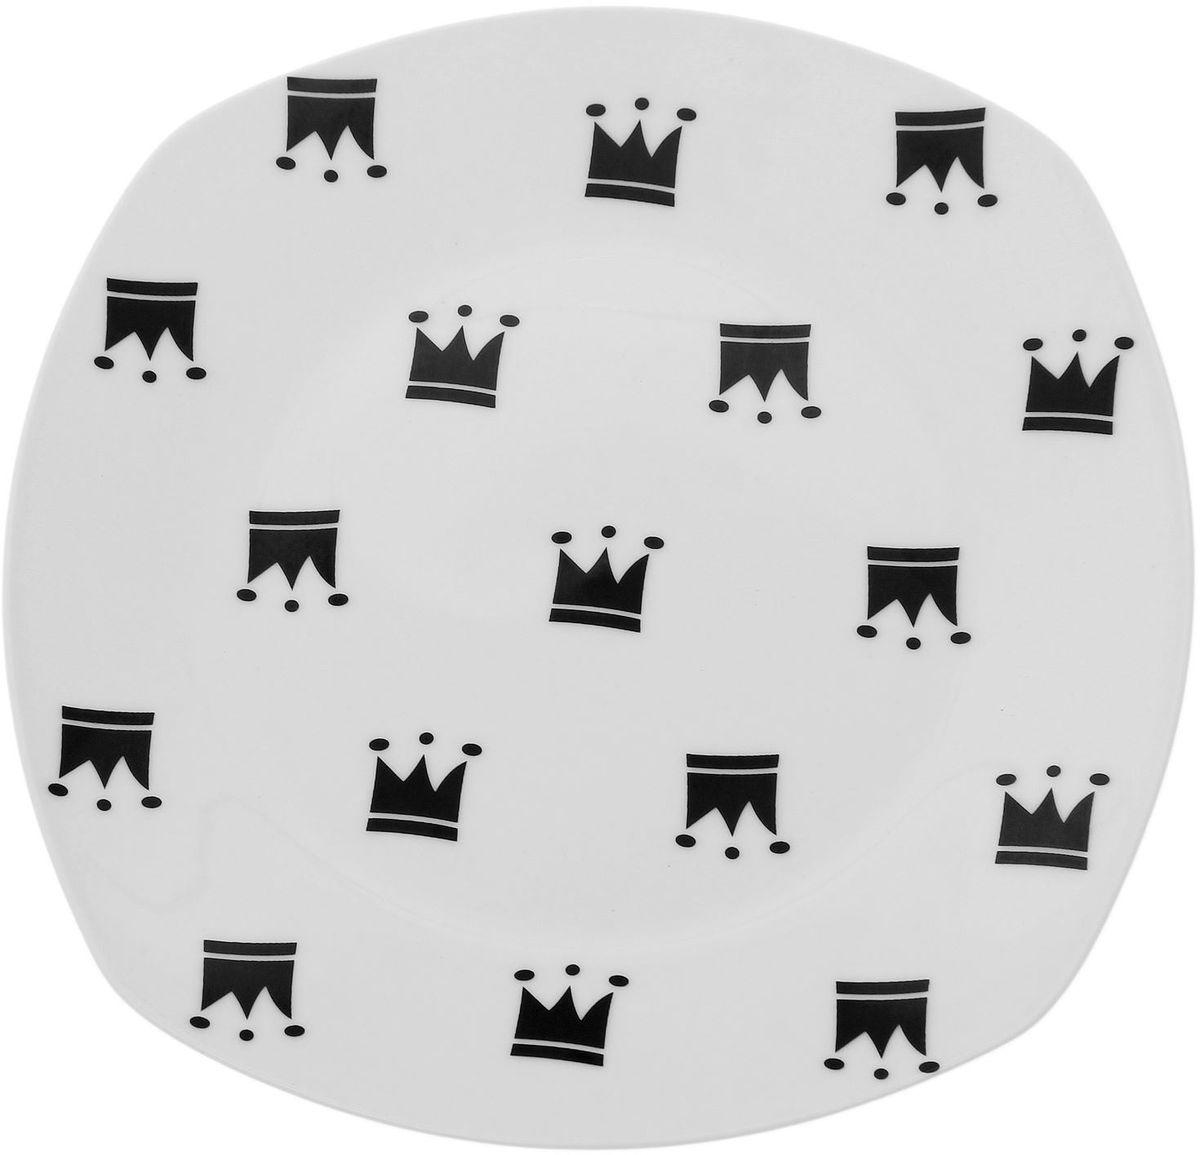 Тарелка Сотвори чудо My Little Crown, 20 х 20 смVT-1520(SR)Хотите обновить интерьер кухни или гостиной? Устраиваете необычную фотосессию или тематический праздник? А может, просто ищете подарок для близкого человека? Посуда Сотвори Чудо — правильный выбор в любой ситуации. Тарелка Сотвори Чудо, изготовленная из изящного фаянса нежного сливочного цвета, оформлена оригинальным рисунком со стойкой краской. Пригодна для посудомоечной машины.